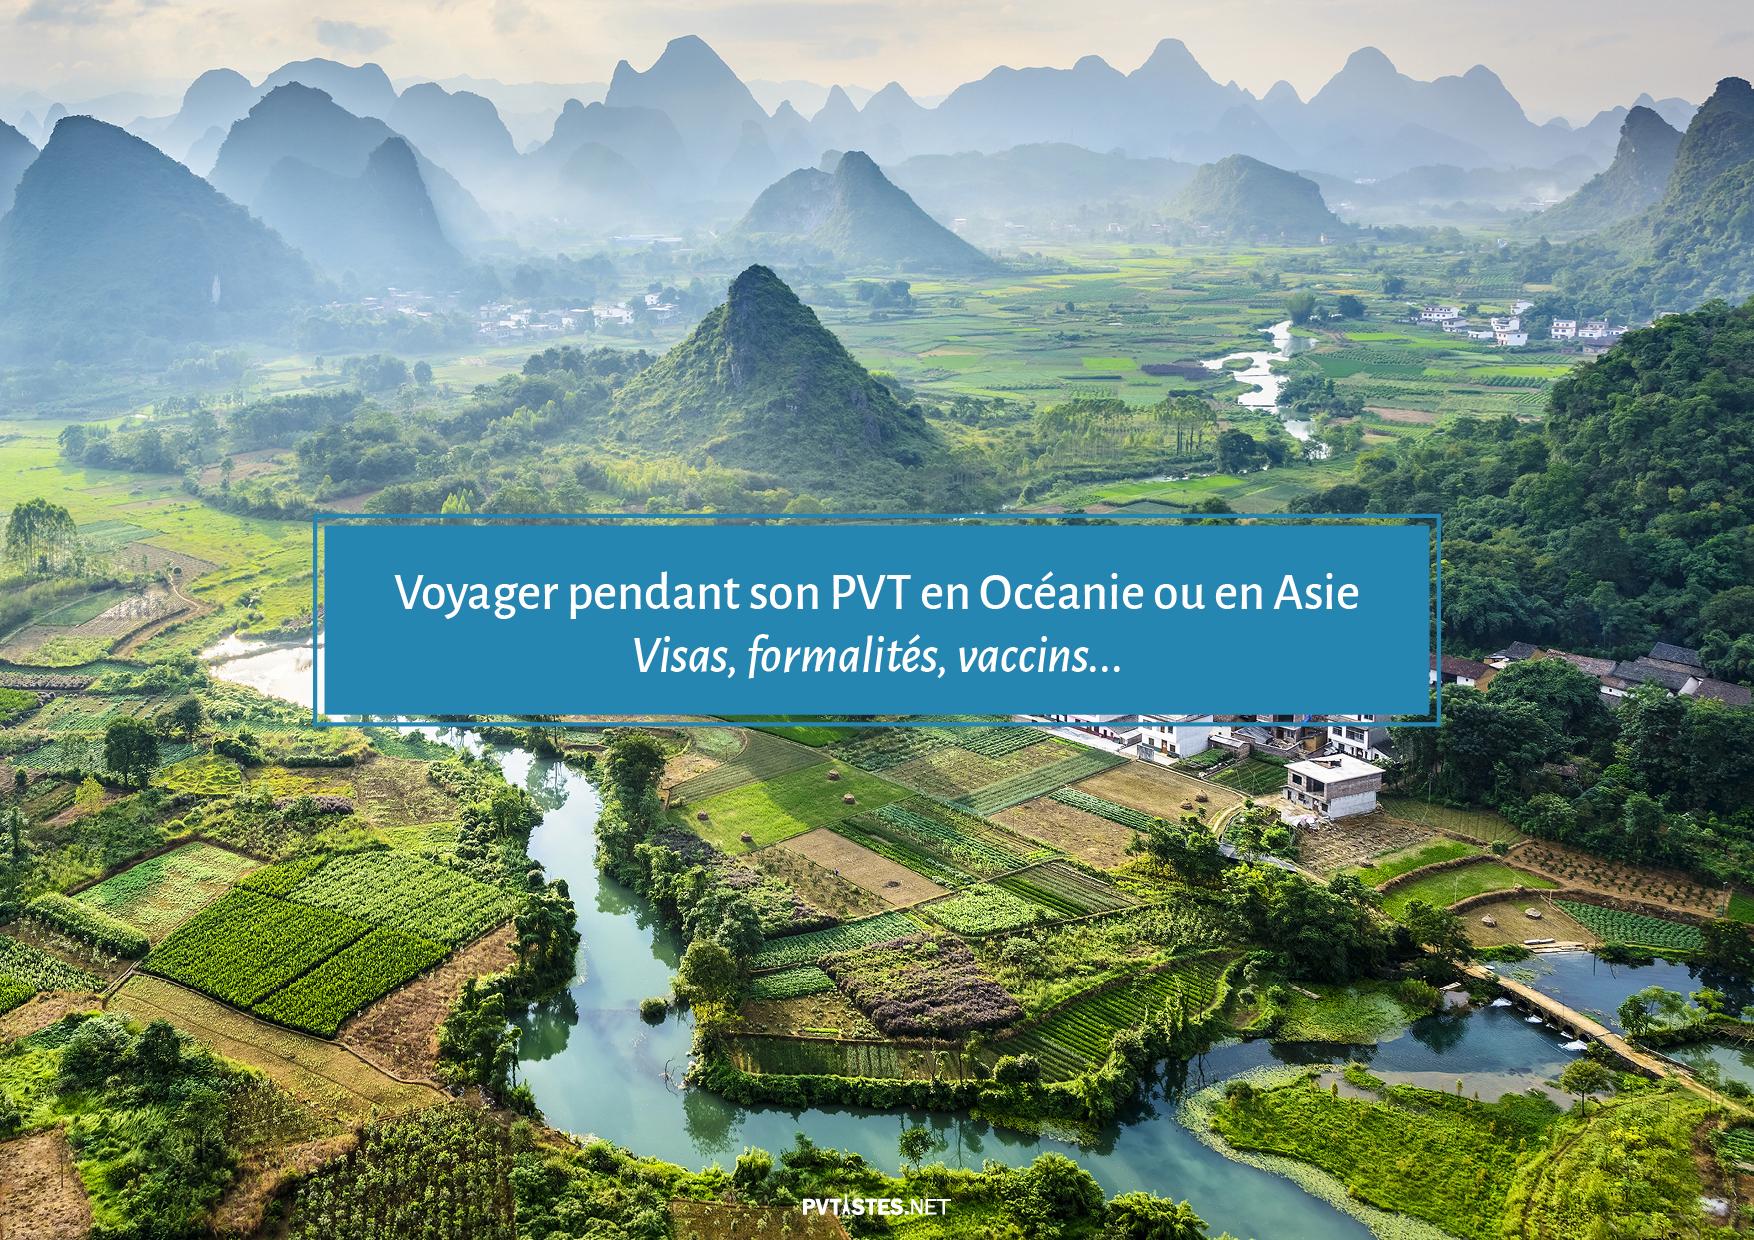 Tourisme en Asie et dans le Pacifique - Visas et Vaccins